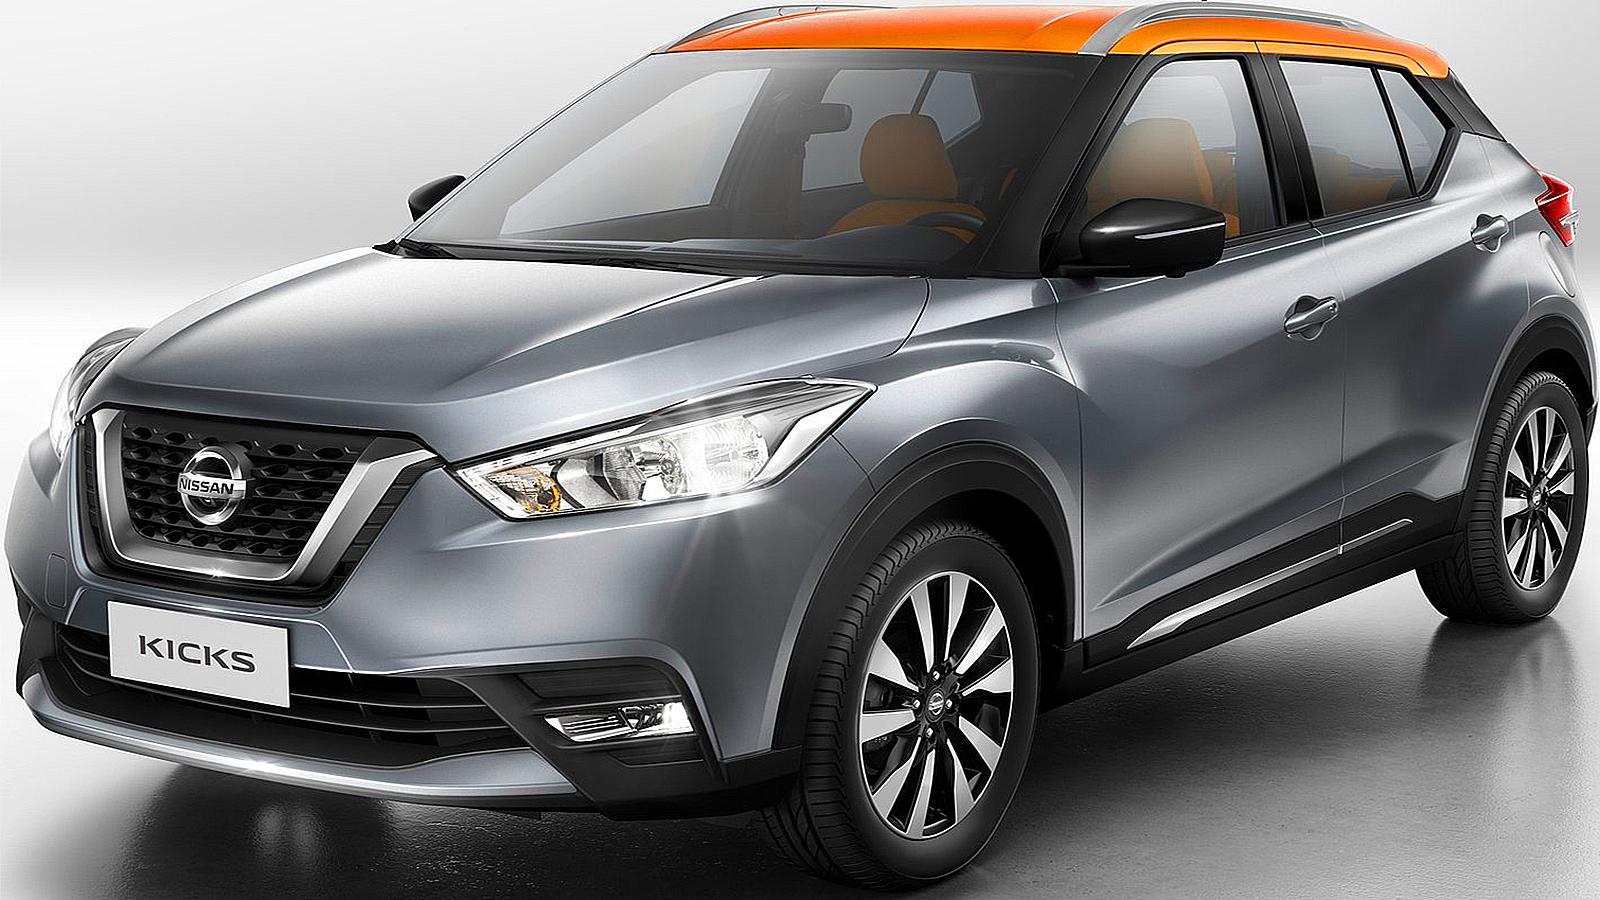 Design Honda Hr V Vs Nissan Kicks Hrv Kicks Carwp